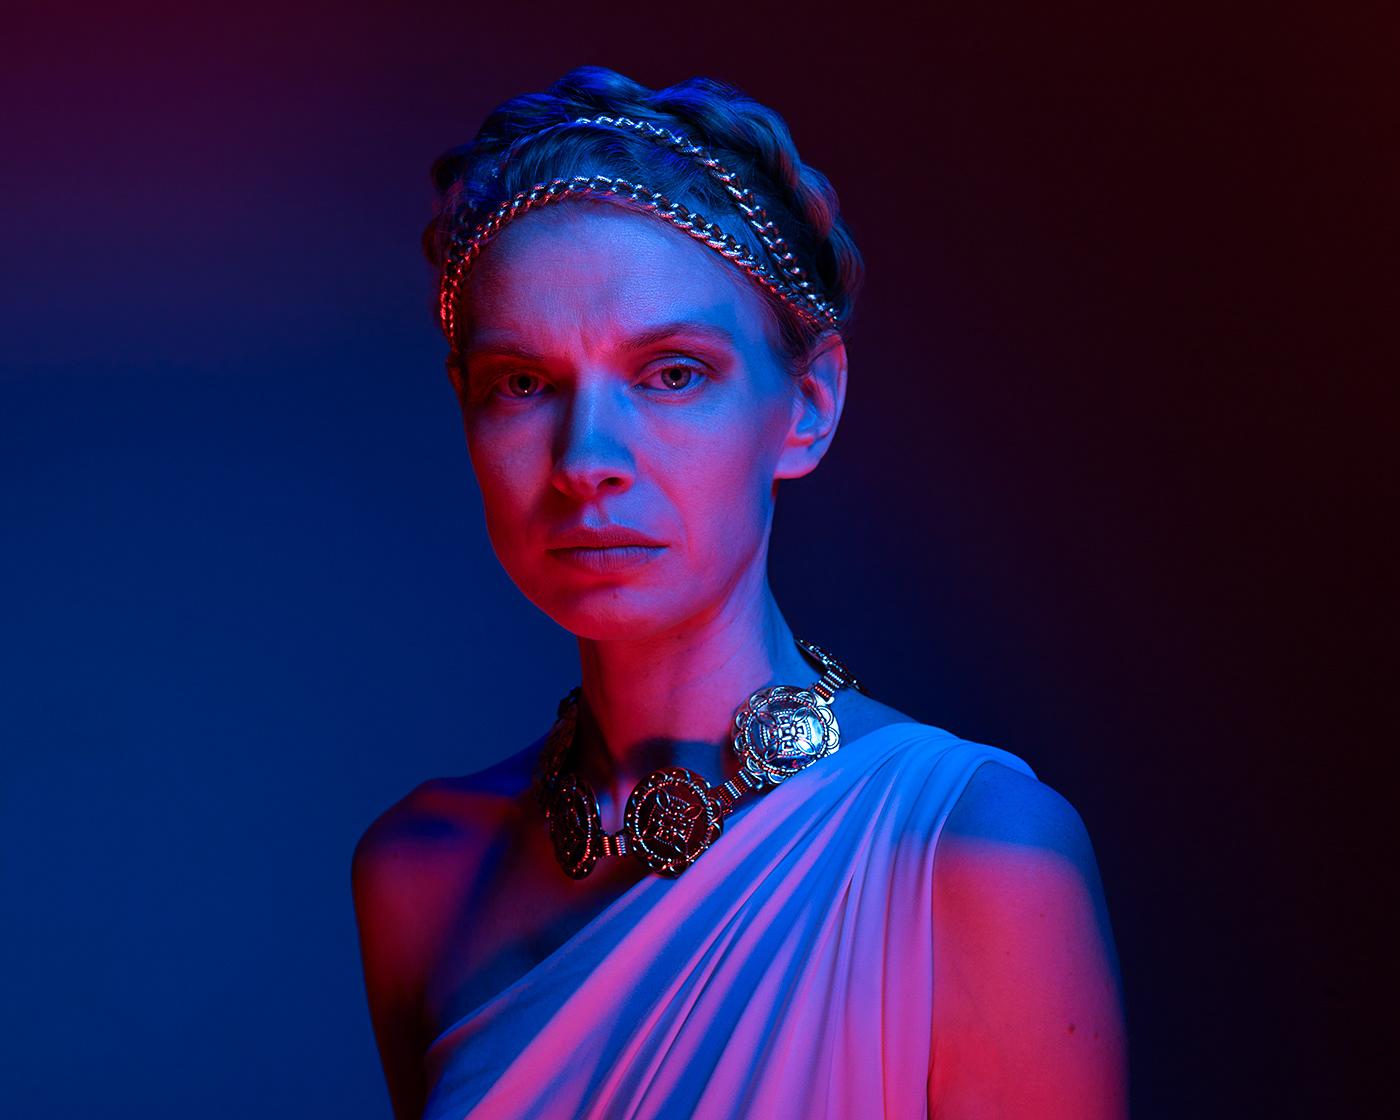 Christine Horne as Portia